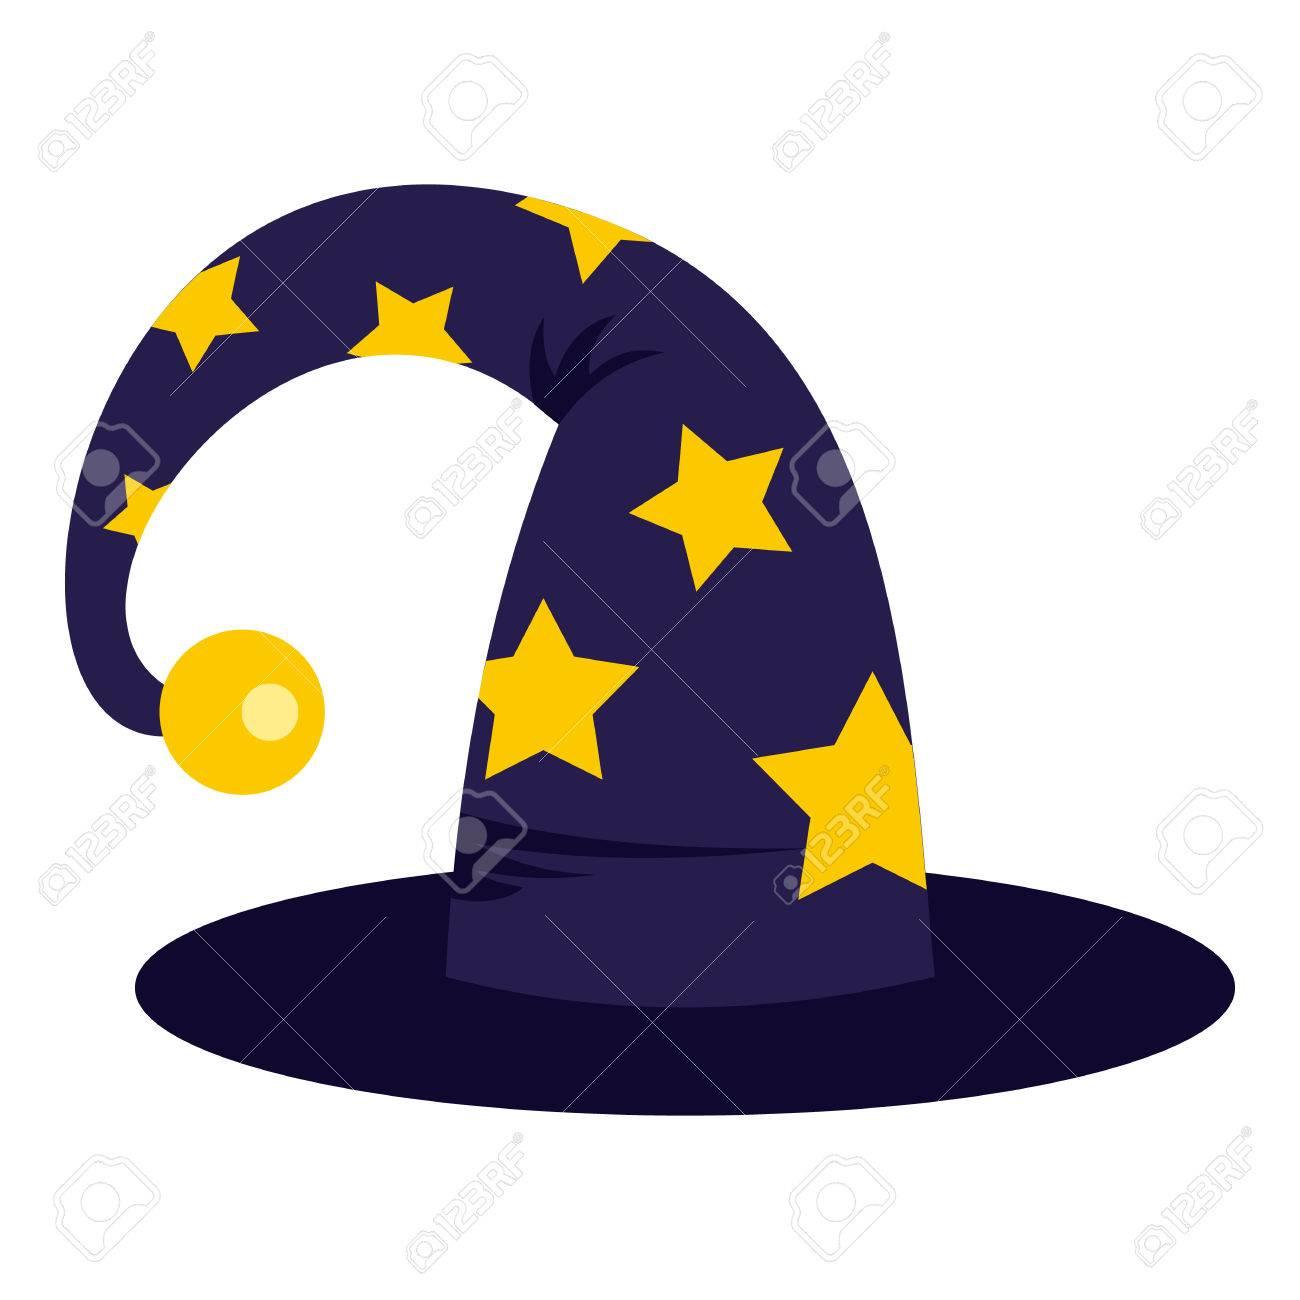 acquista per il meglio vendita outlet a poco prezzo Icona del cappello di mago in stile piano isolato su priorità bassa bianca.  Trucchi simbolo illustrazione vettoriale